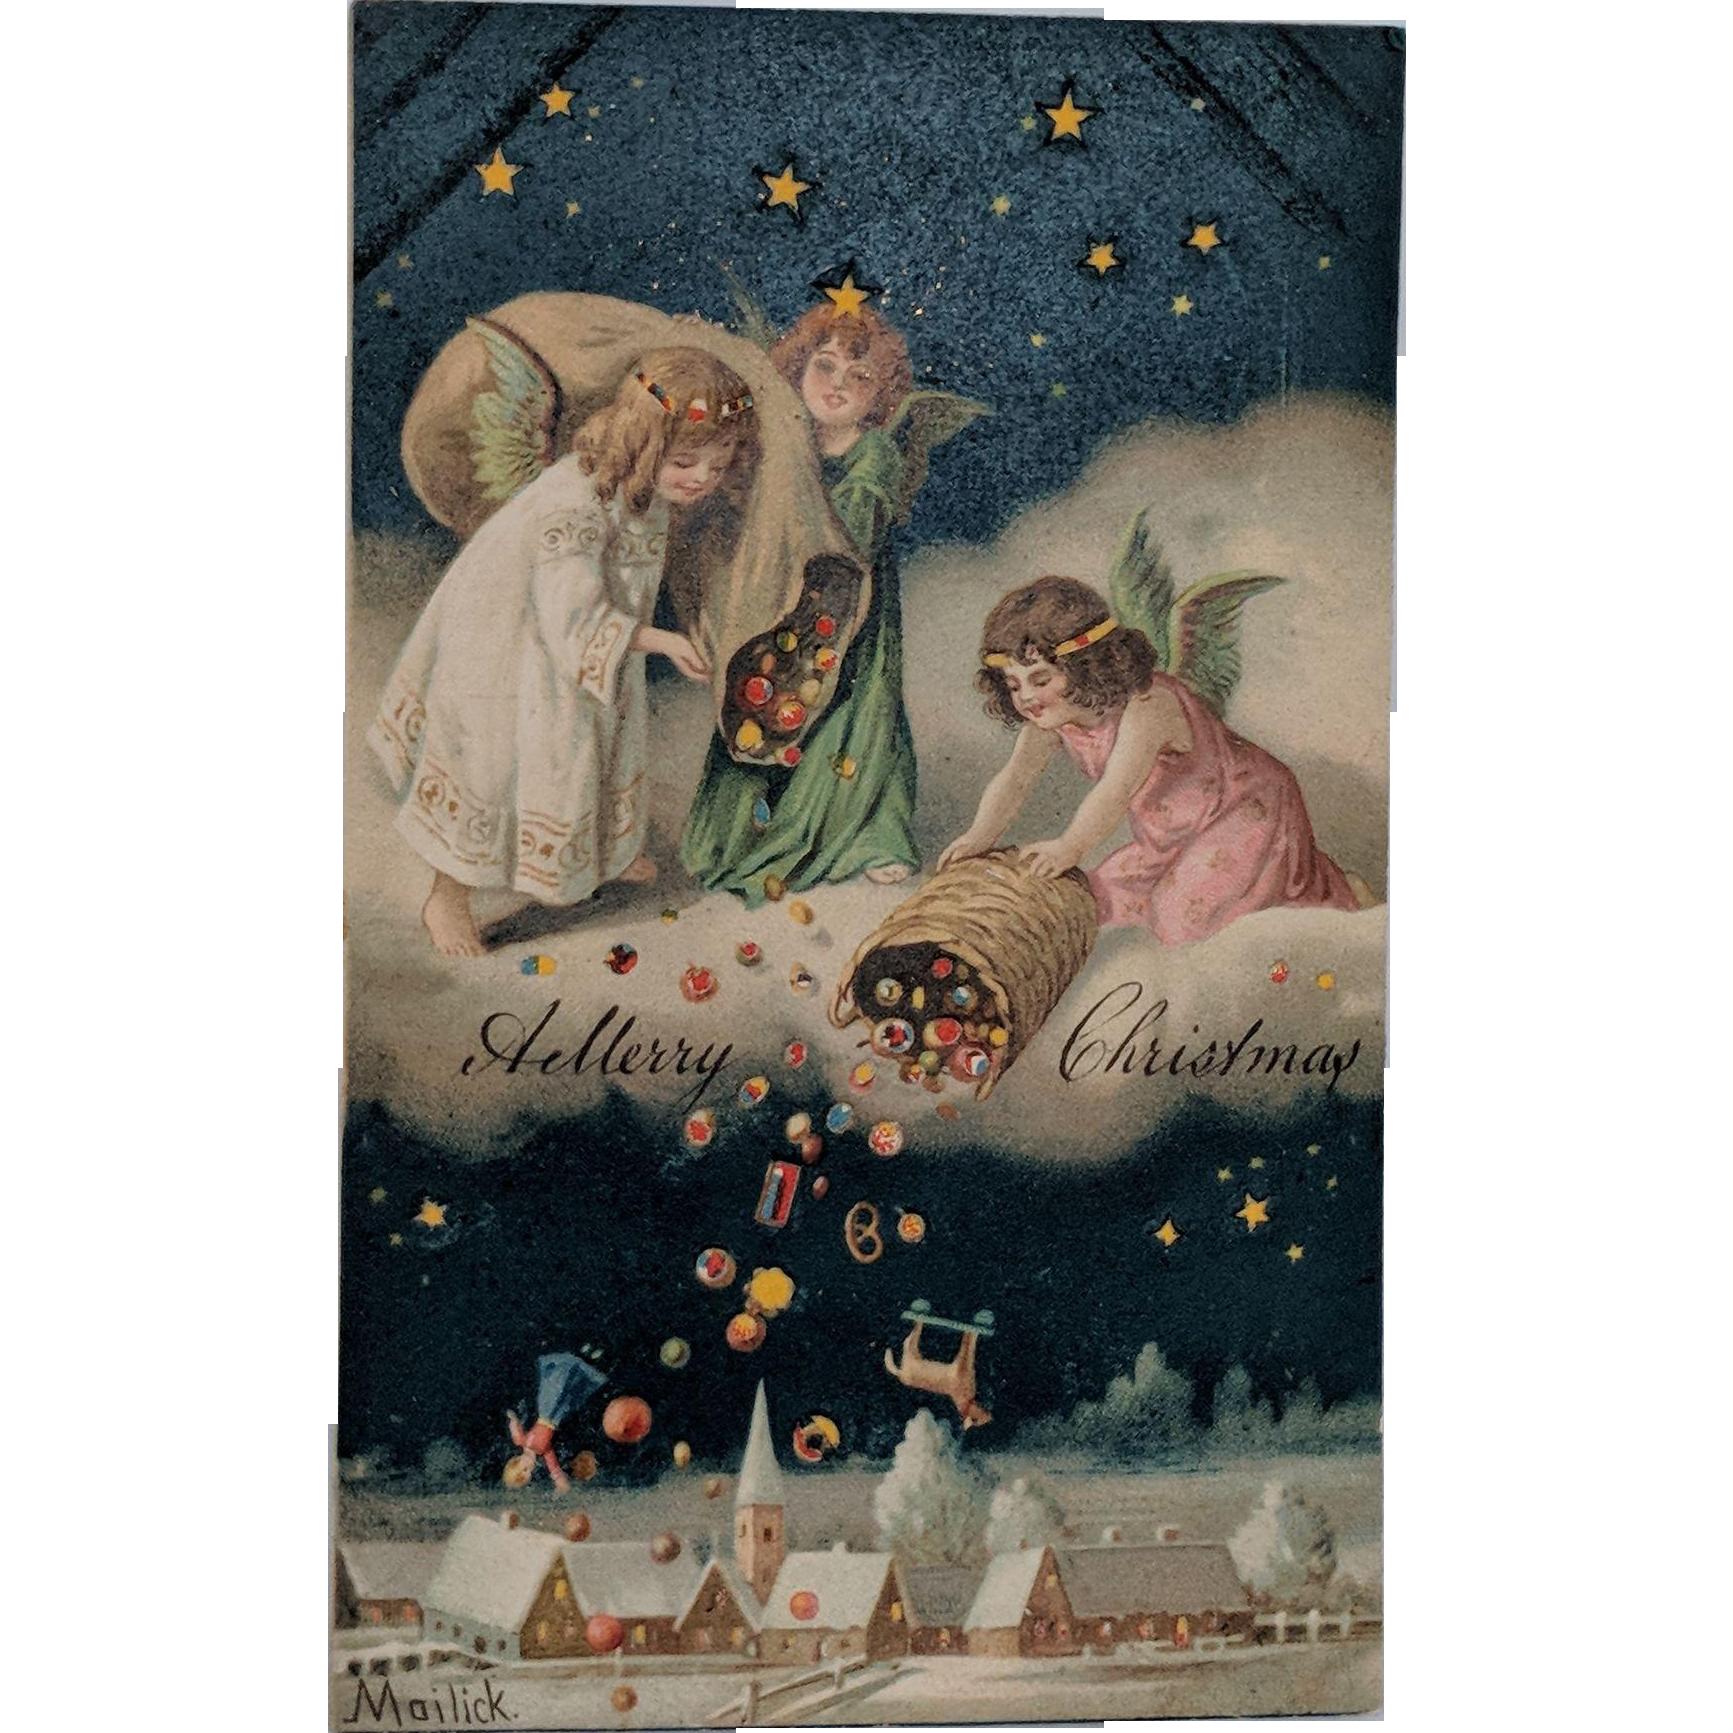 Hold To Light Mailick Christmas Postcard